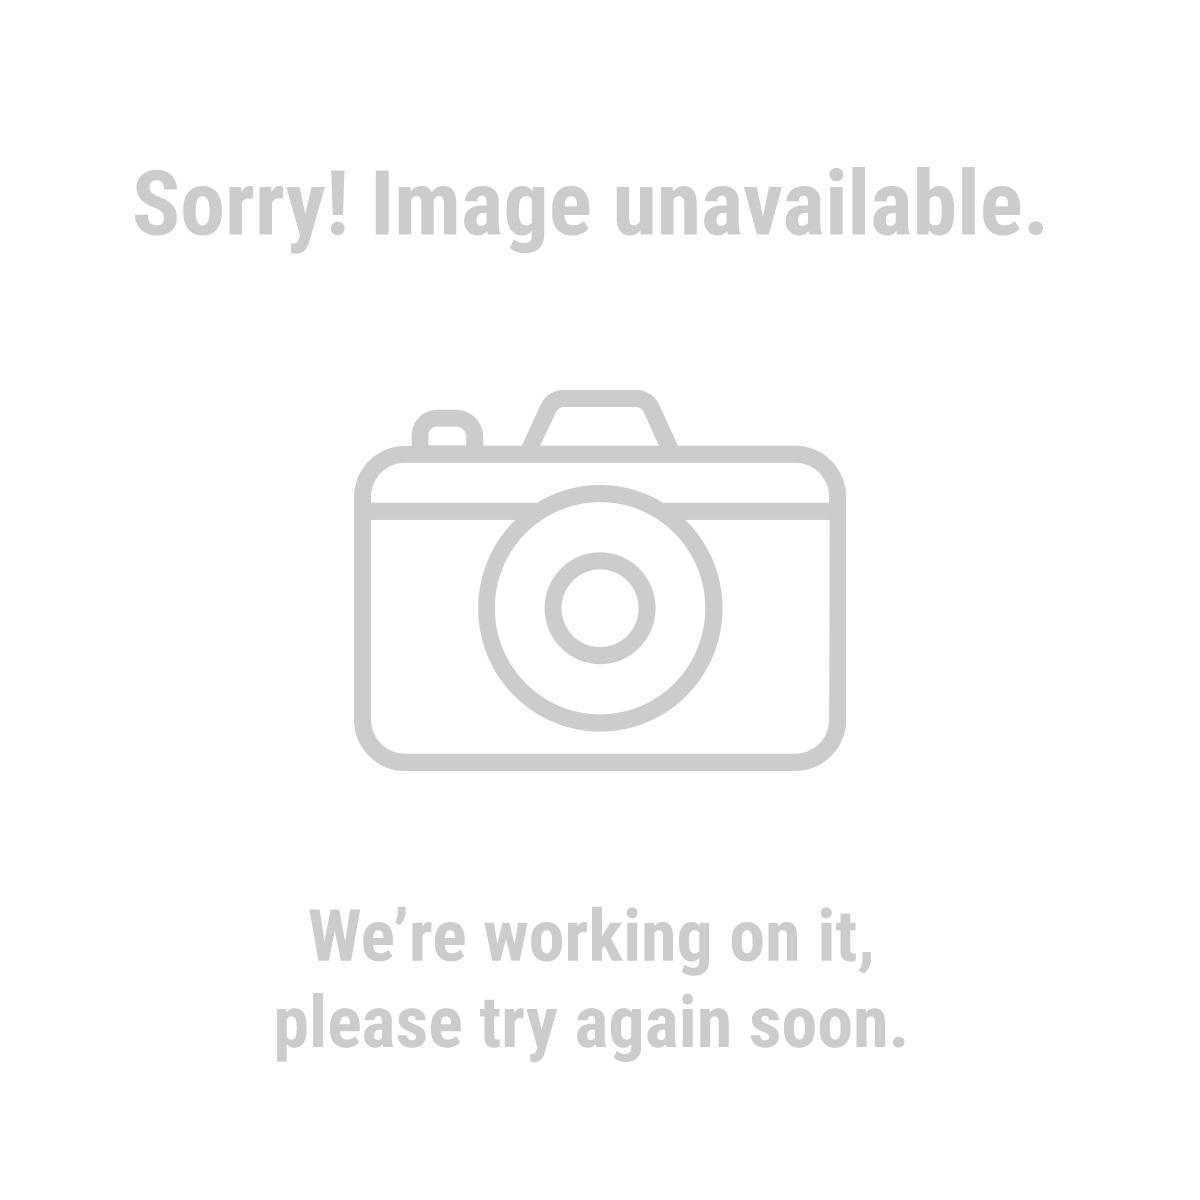 63008 32 in. x 10 in. x 15 in. Medium Animal Trap